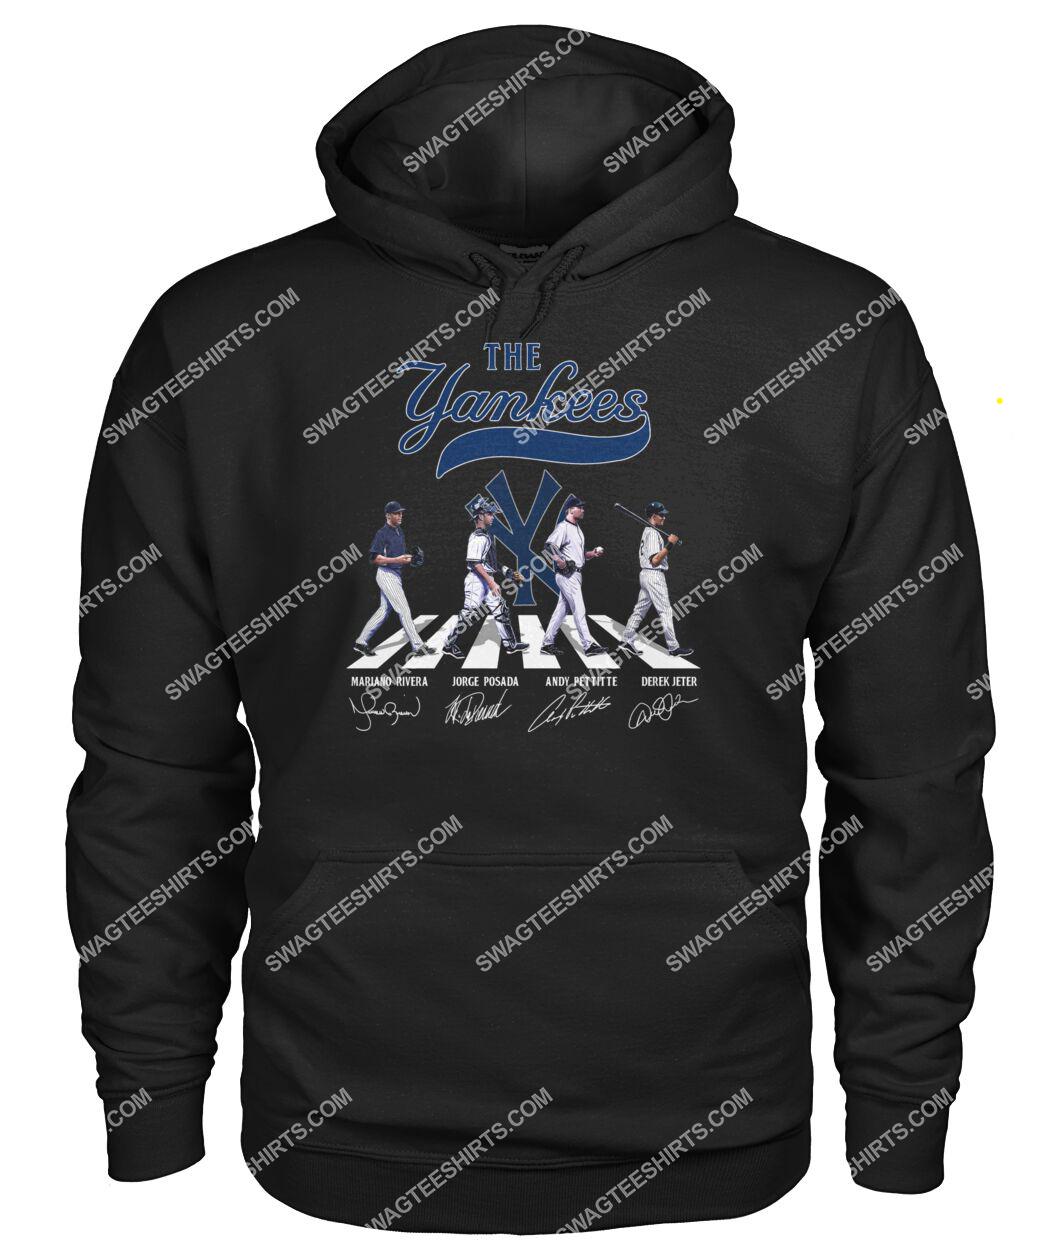 the new york yankees walking abbey road hoodie 1